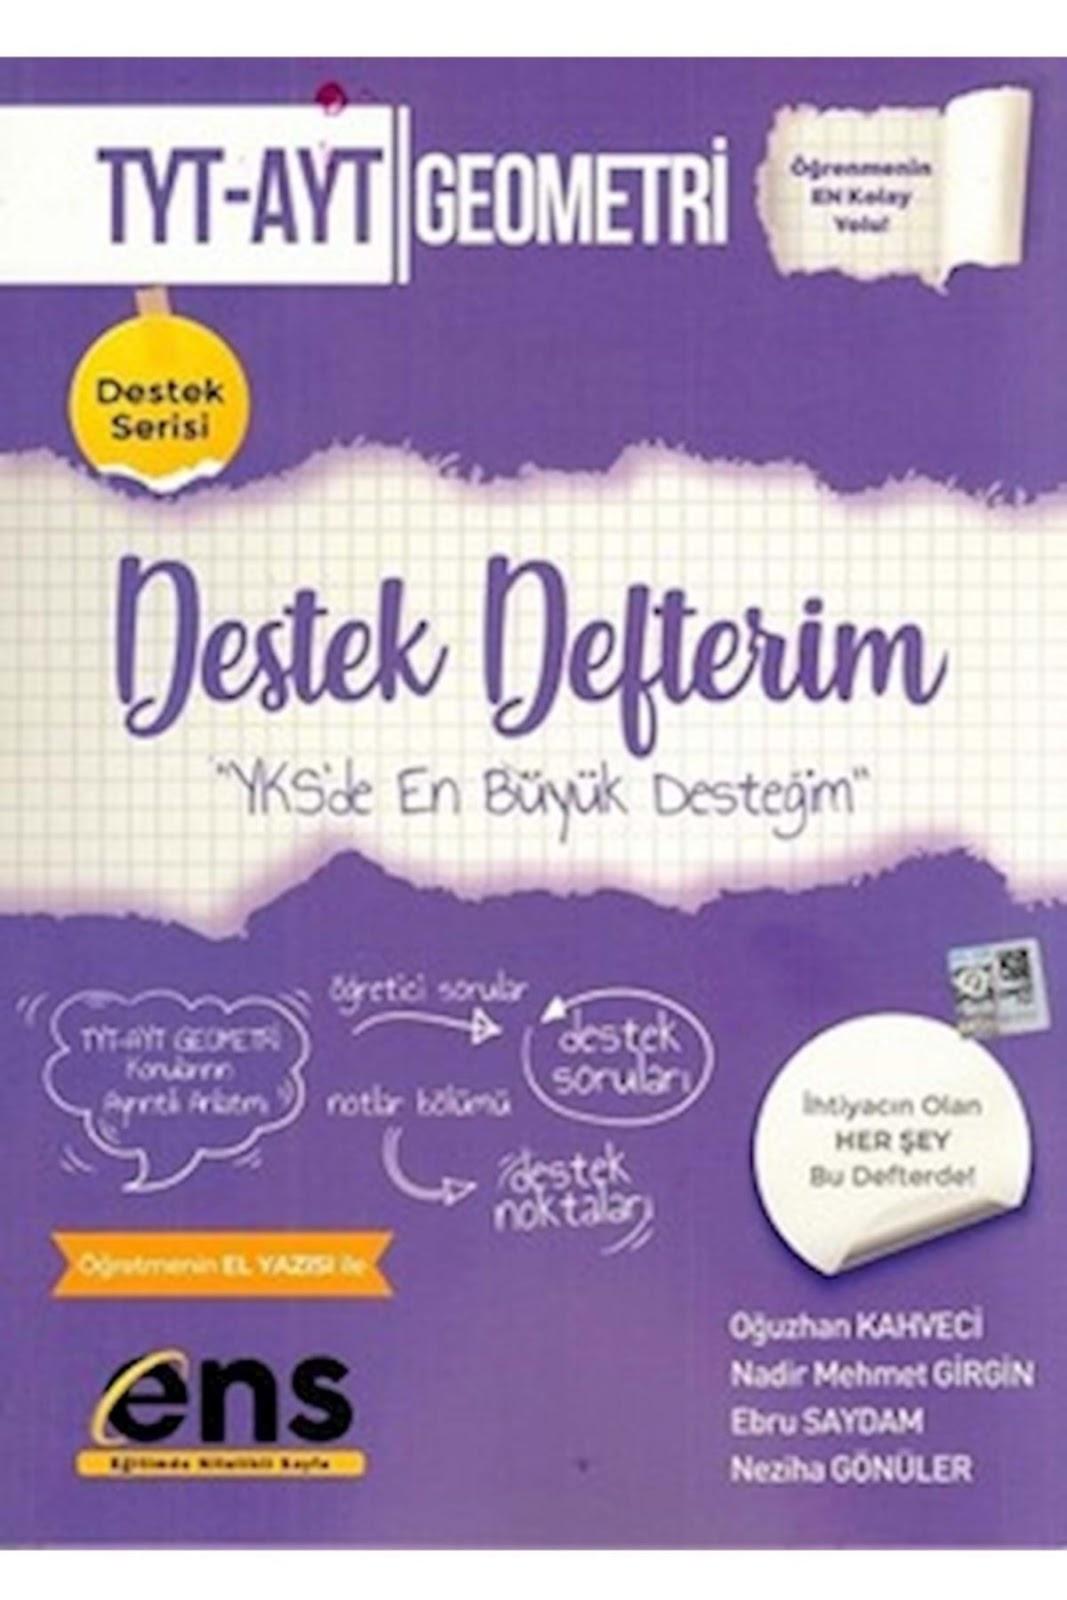 ENS Yayınları - TYT - AYT Geometri - Destek Defterim